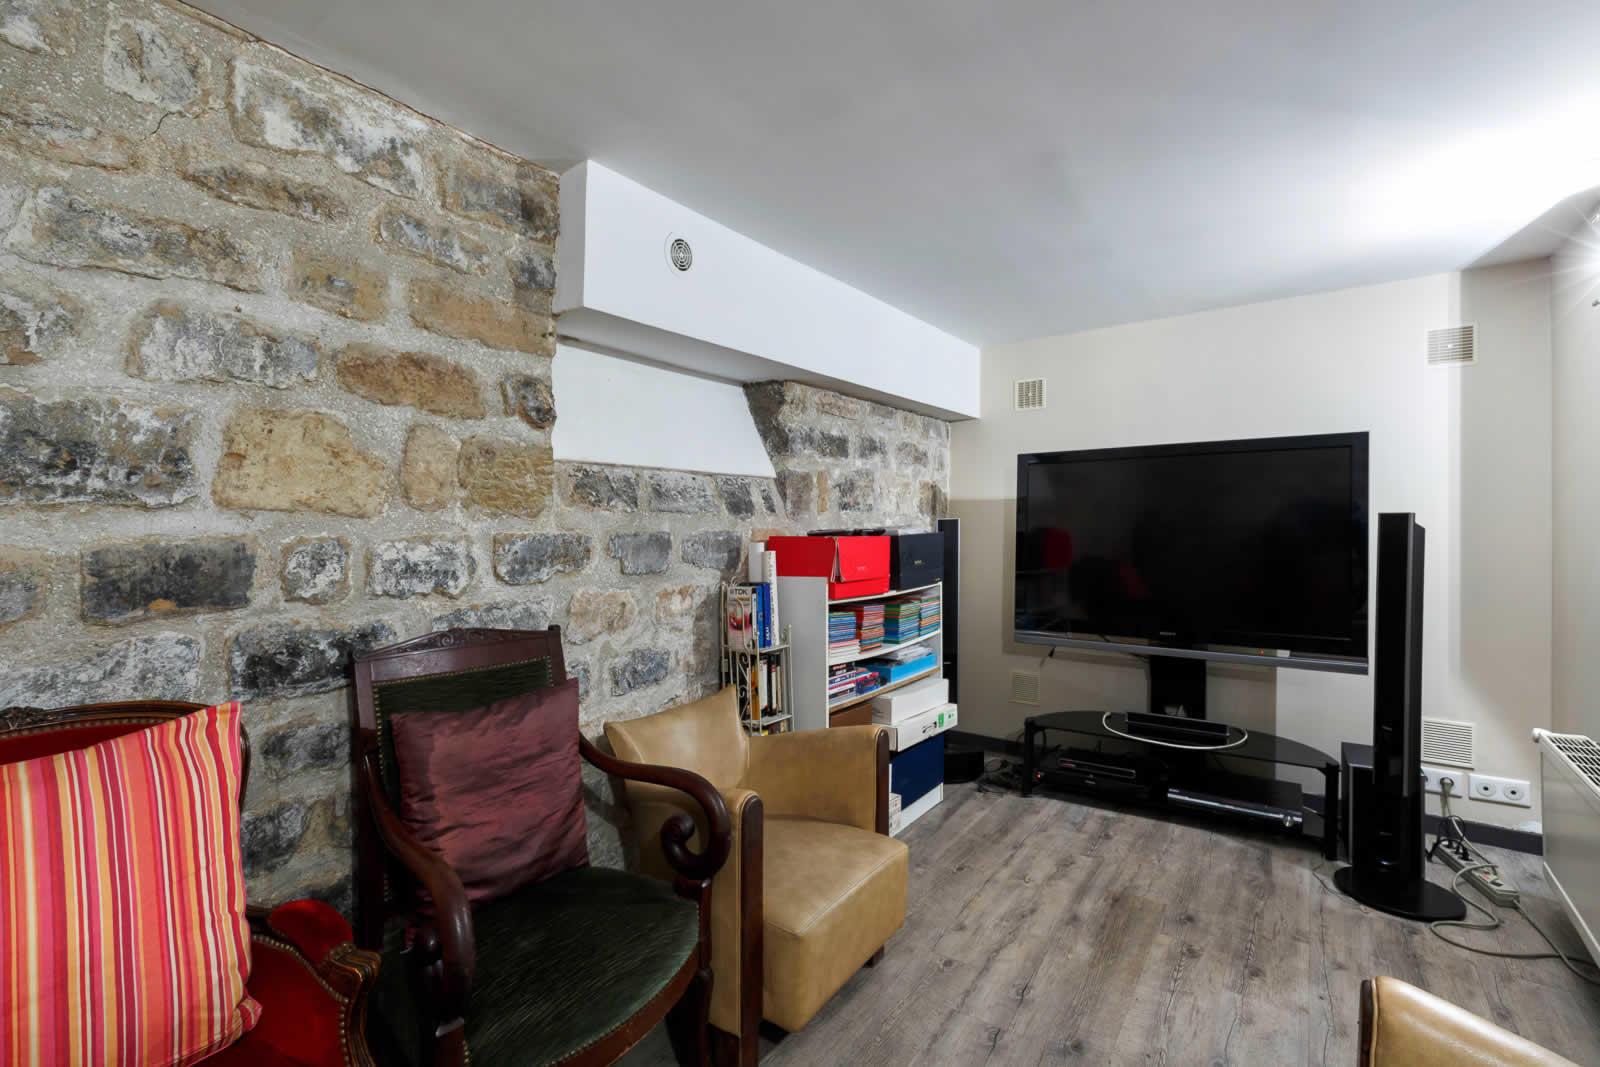 Confortable maison du 19me sicle  vendre  NeuillysurSeine sur lle de la Jatte  5